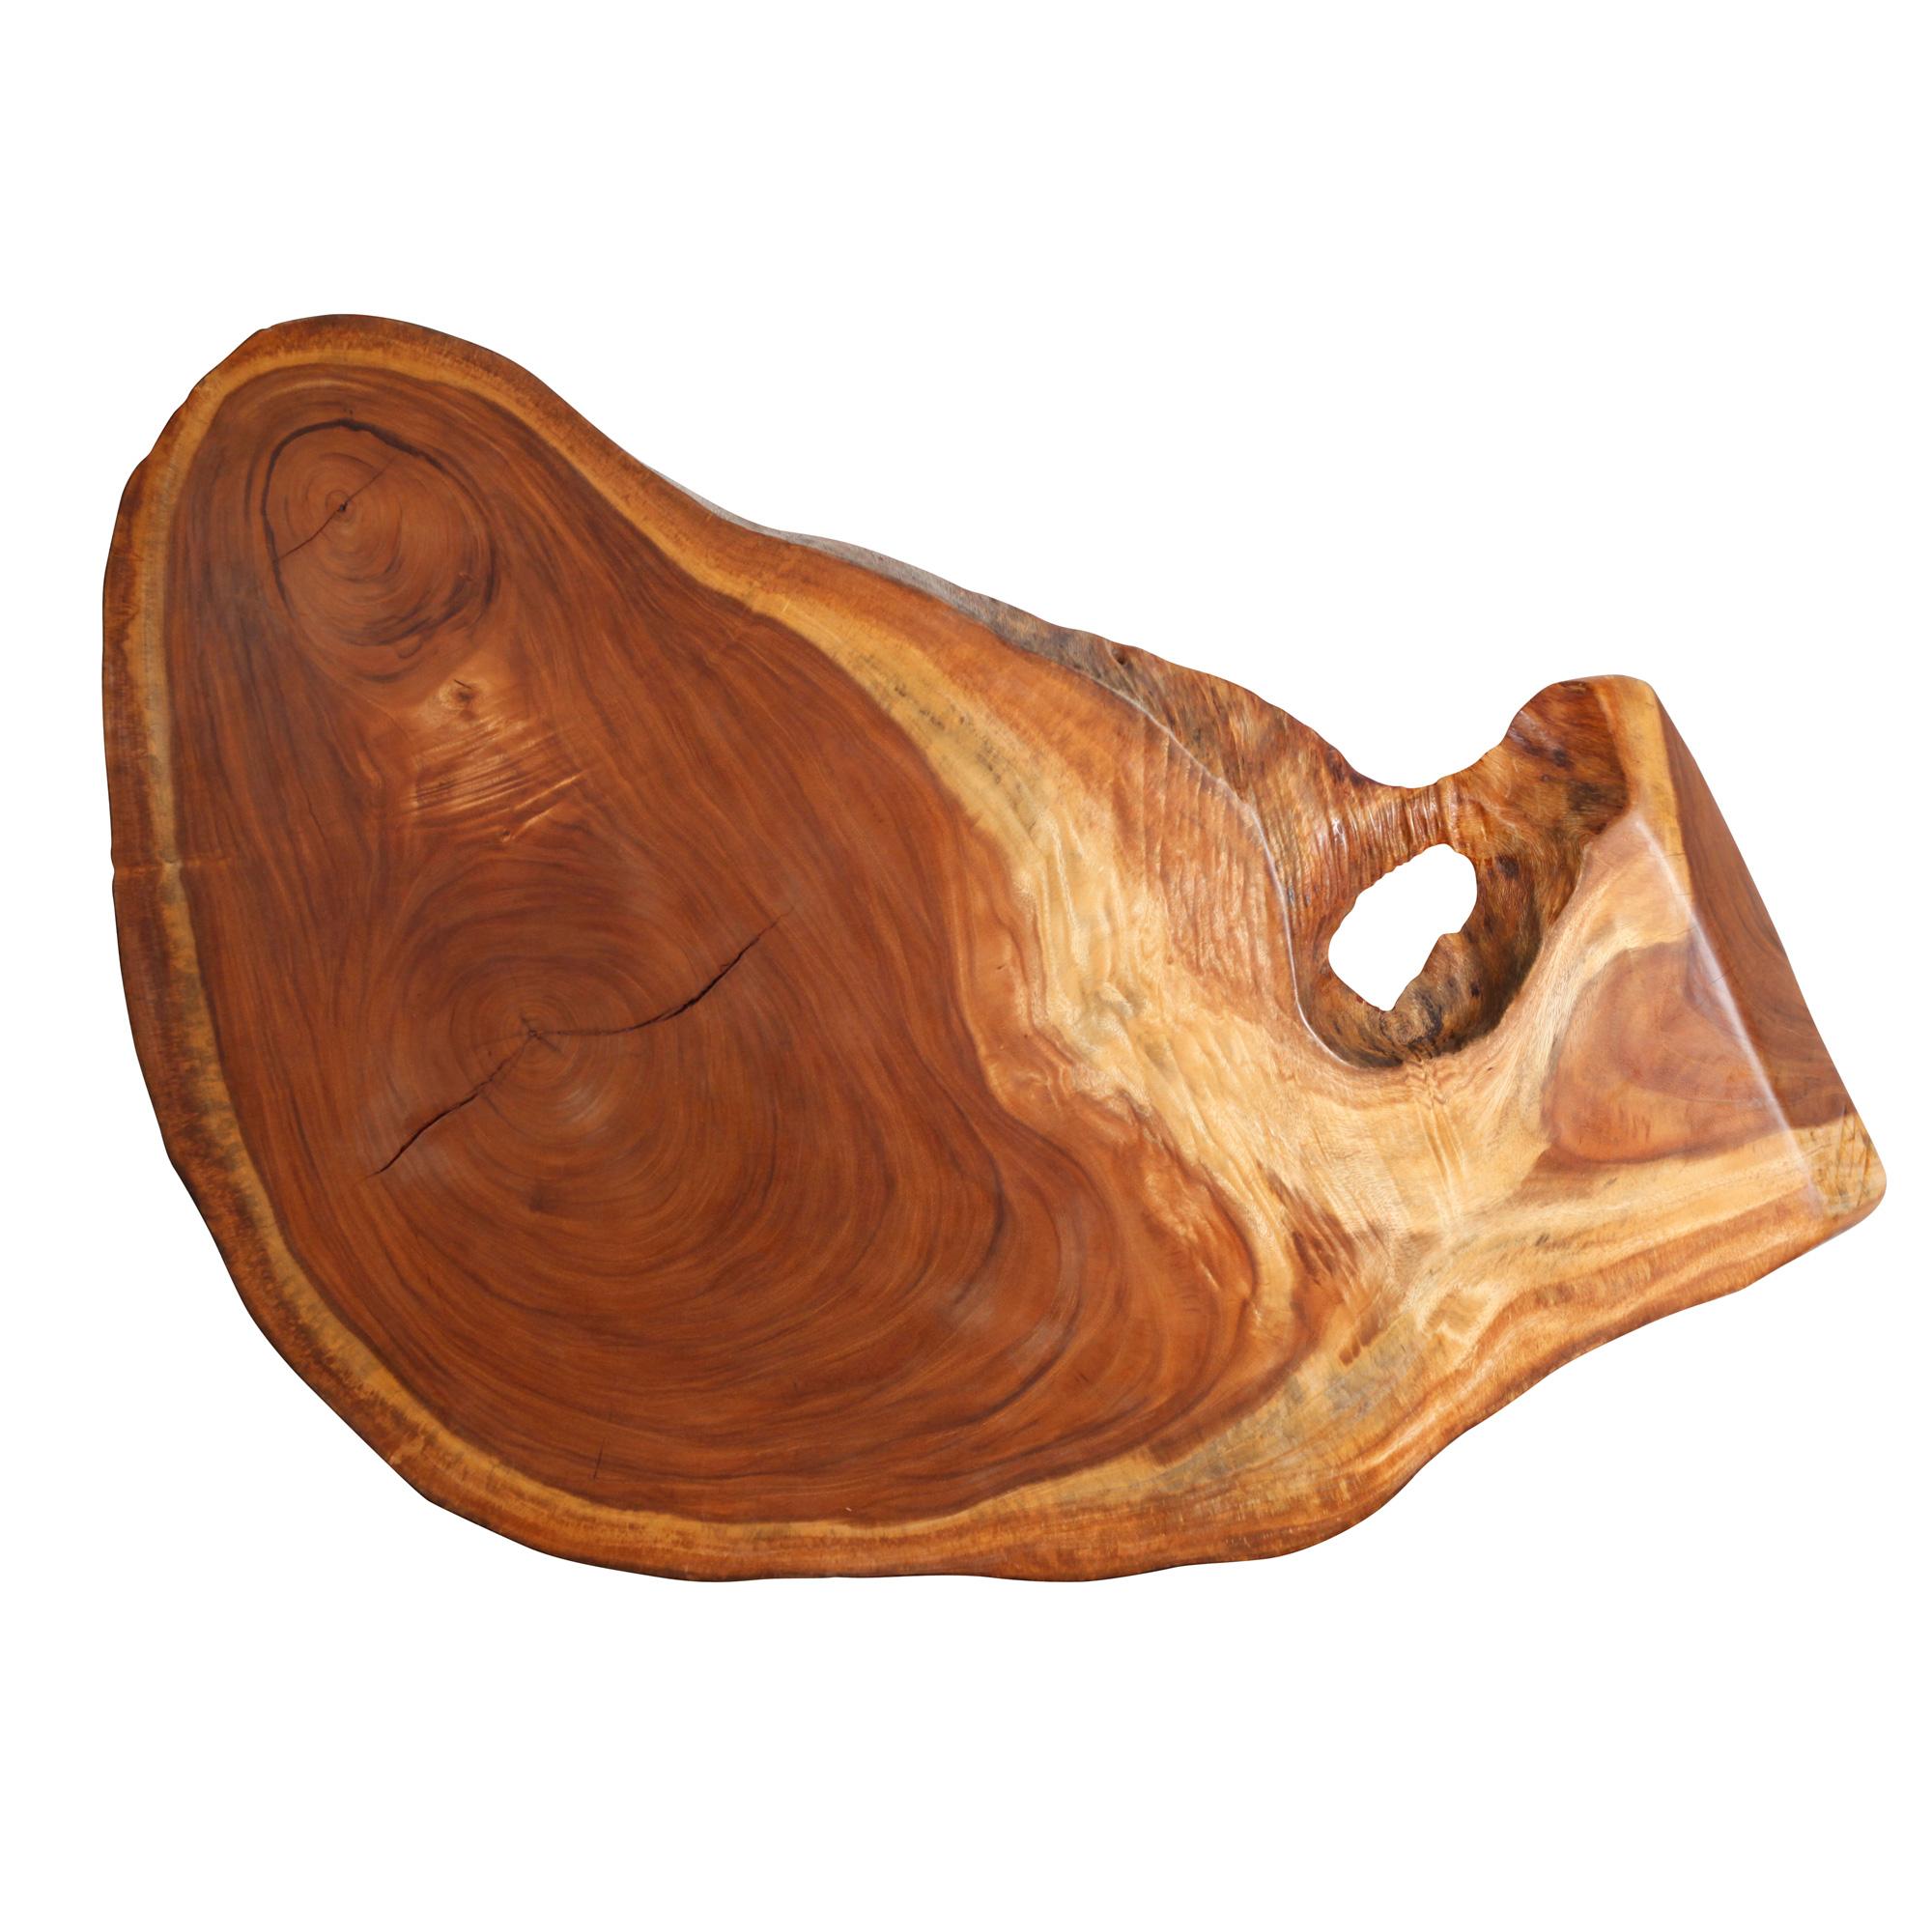 Saman Natural Wood Art - R95